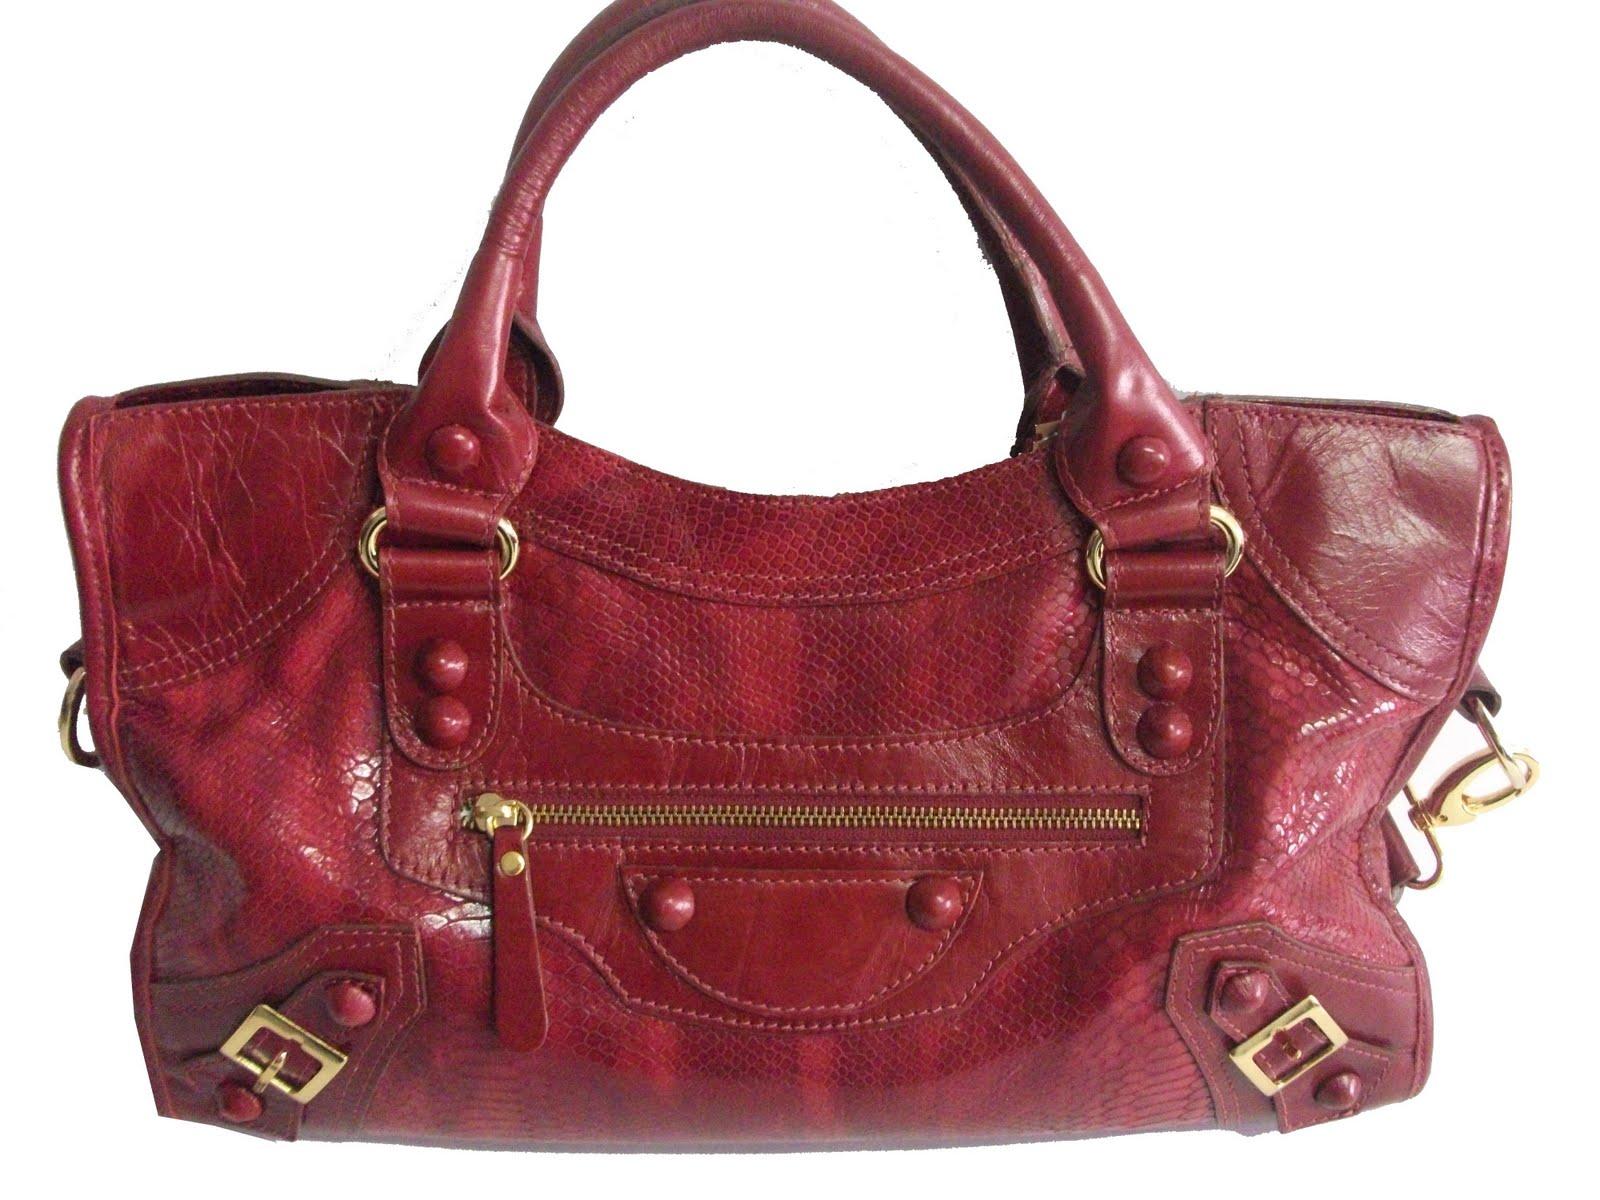 Bolsa Feminina De Couro Guess : Bolsa de couro feminina moda e qualidade modelos